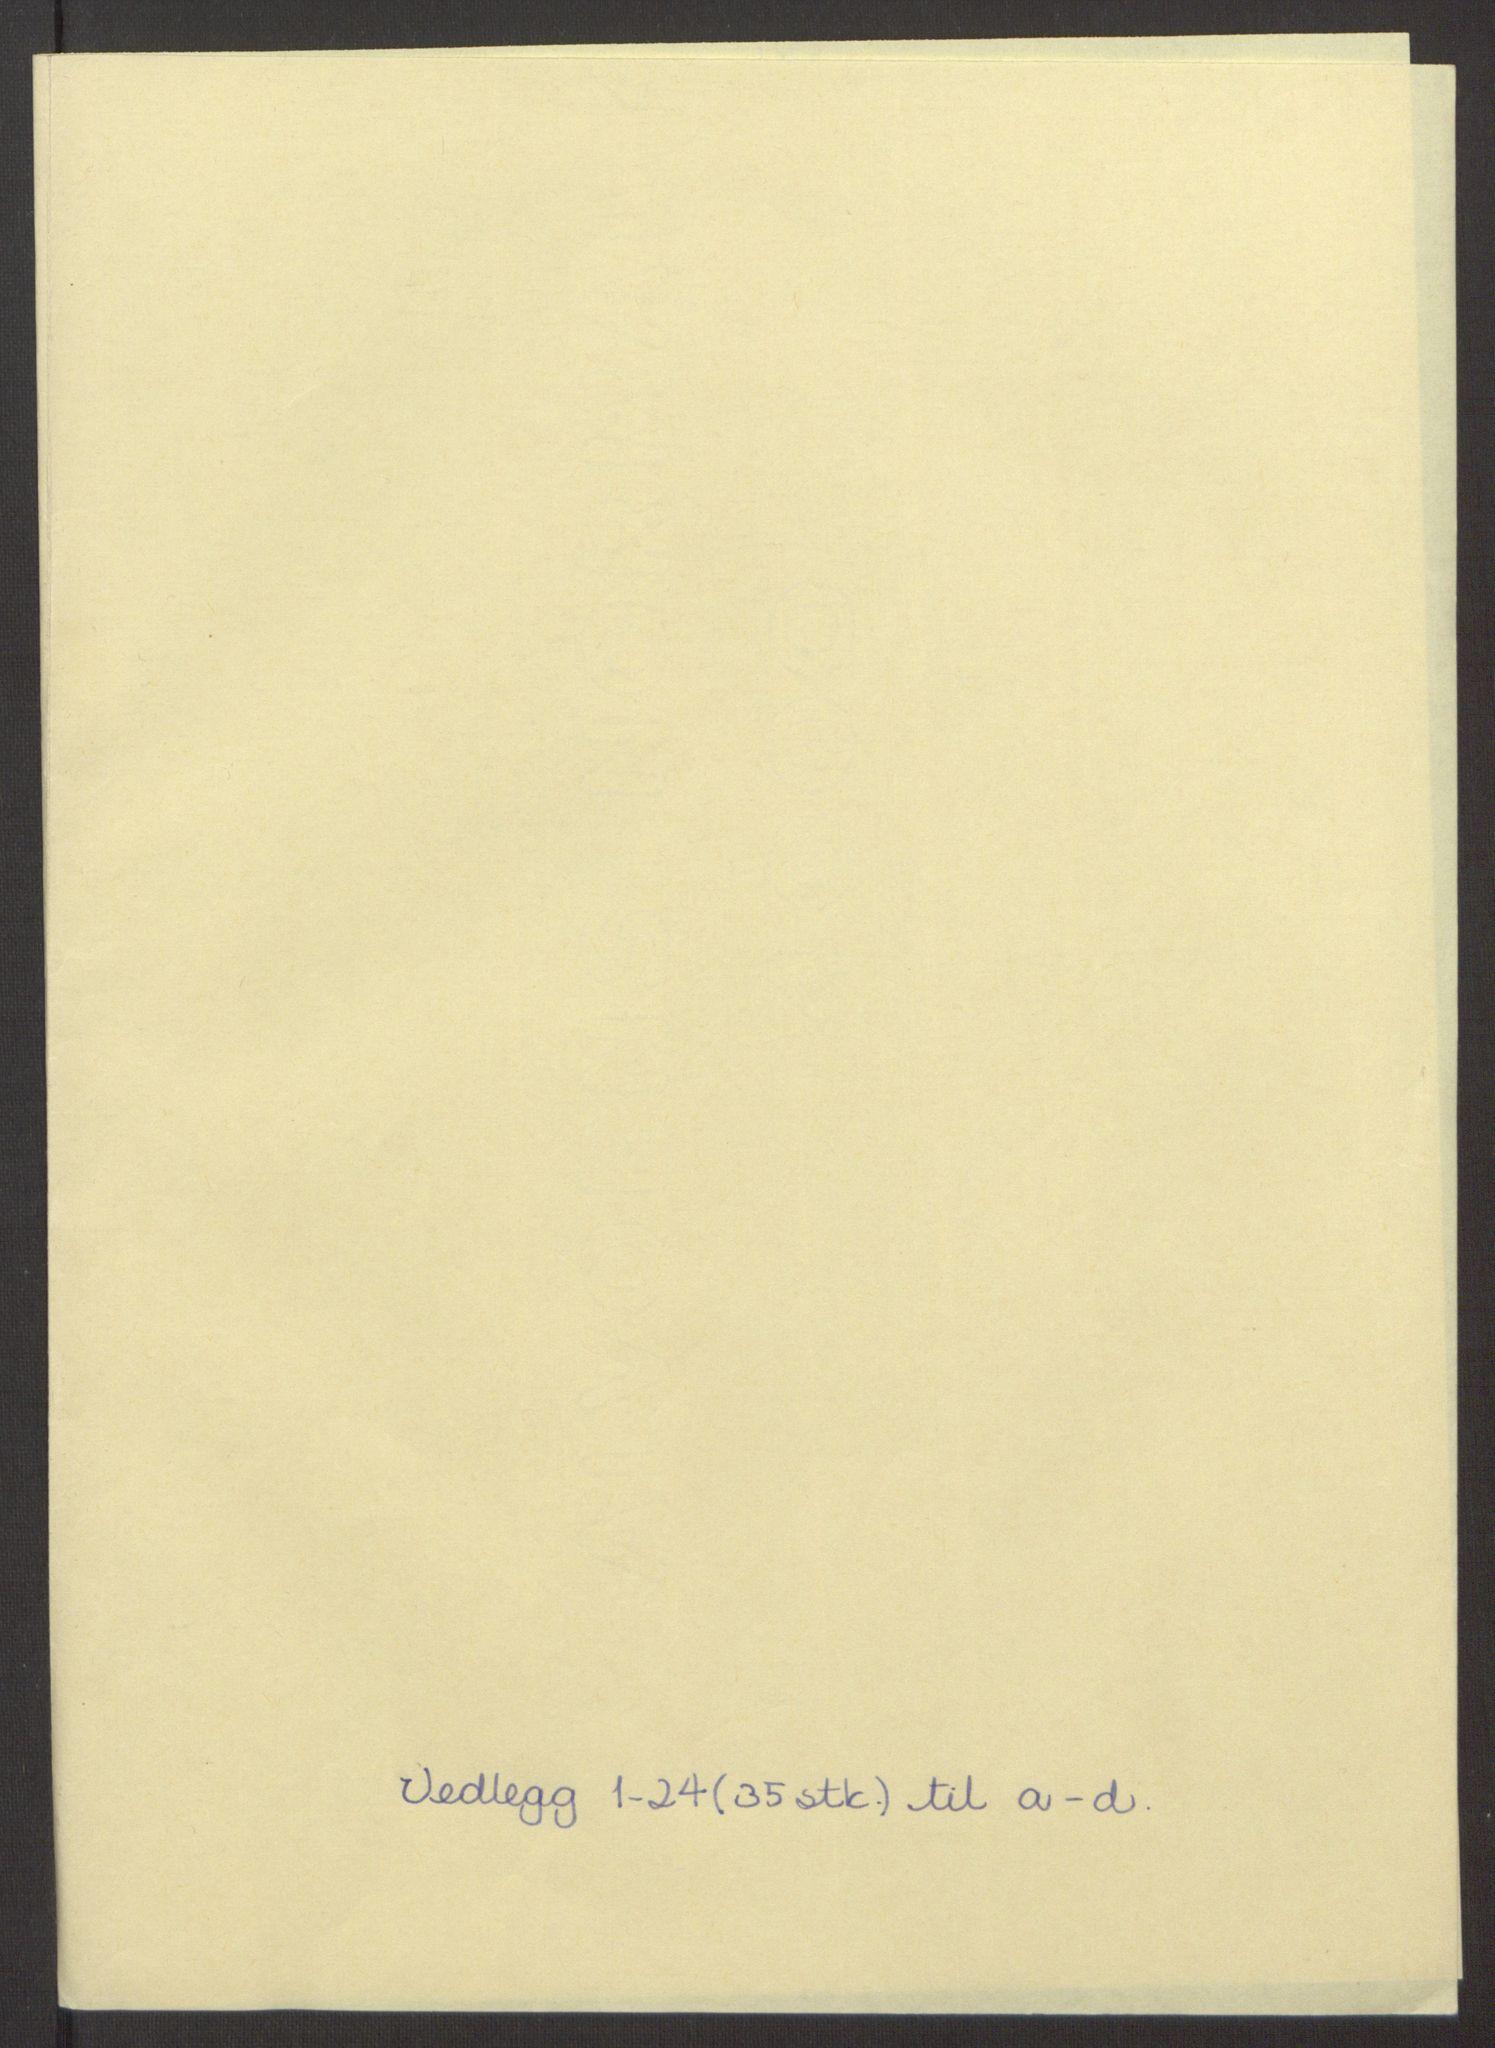 RA, Rentekammeret inntil 1814, Reviderte regnskaper, Fogderegnskap, R35/L2062: Fogderegnskap Øvre og Nedre Telemark, 1674, s. 155